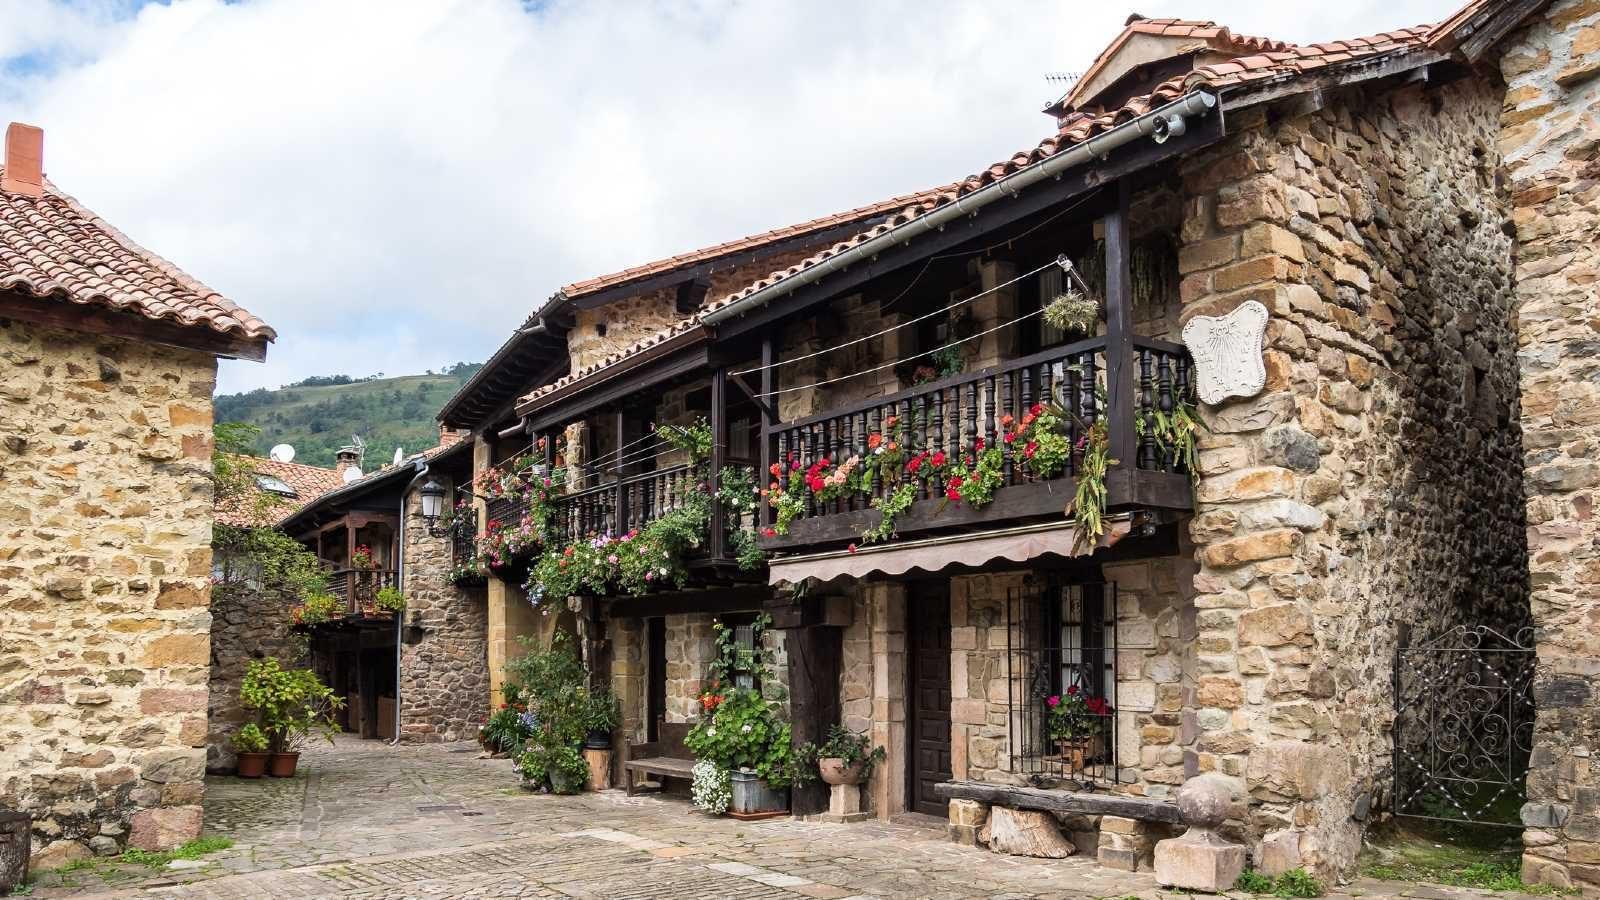 La mejor opción de vacaciones COVID-19 es una casa rural